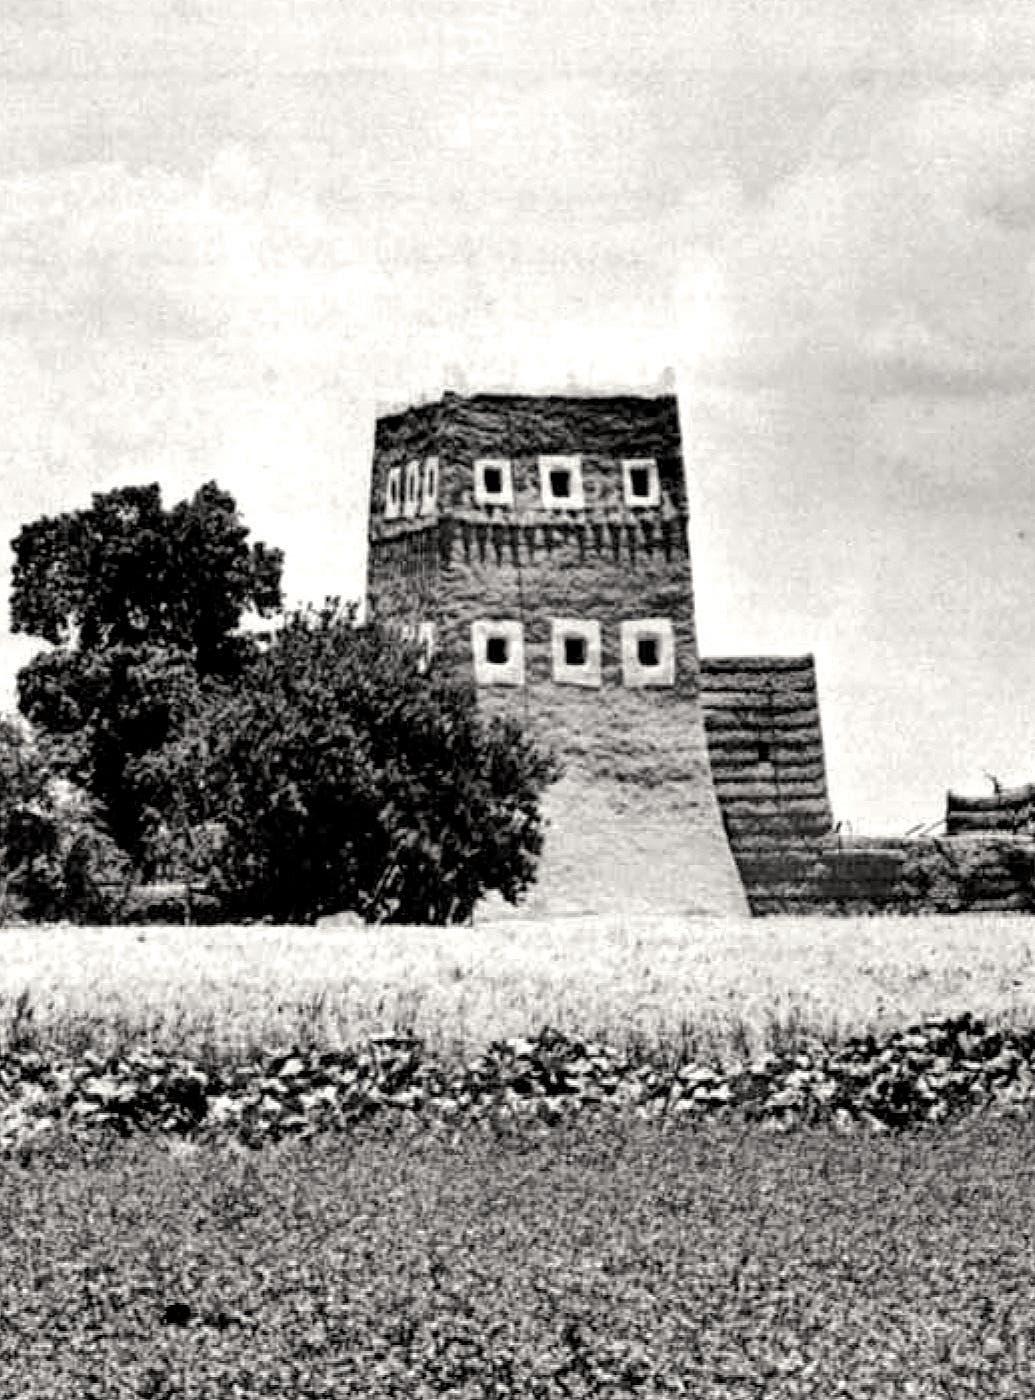 نموذج لبيت ذي طابقين في المنطقة الجنوبية من المملكة